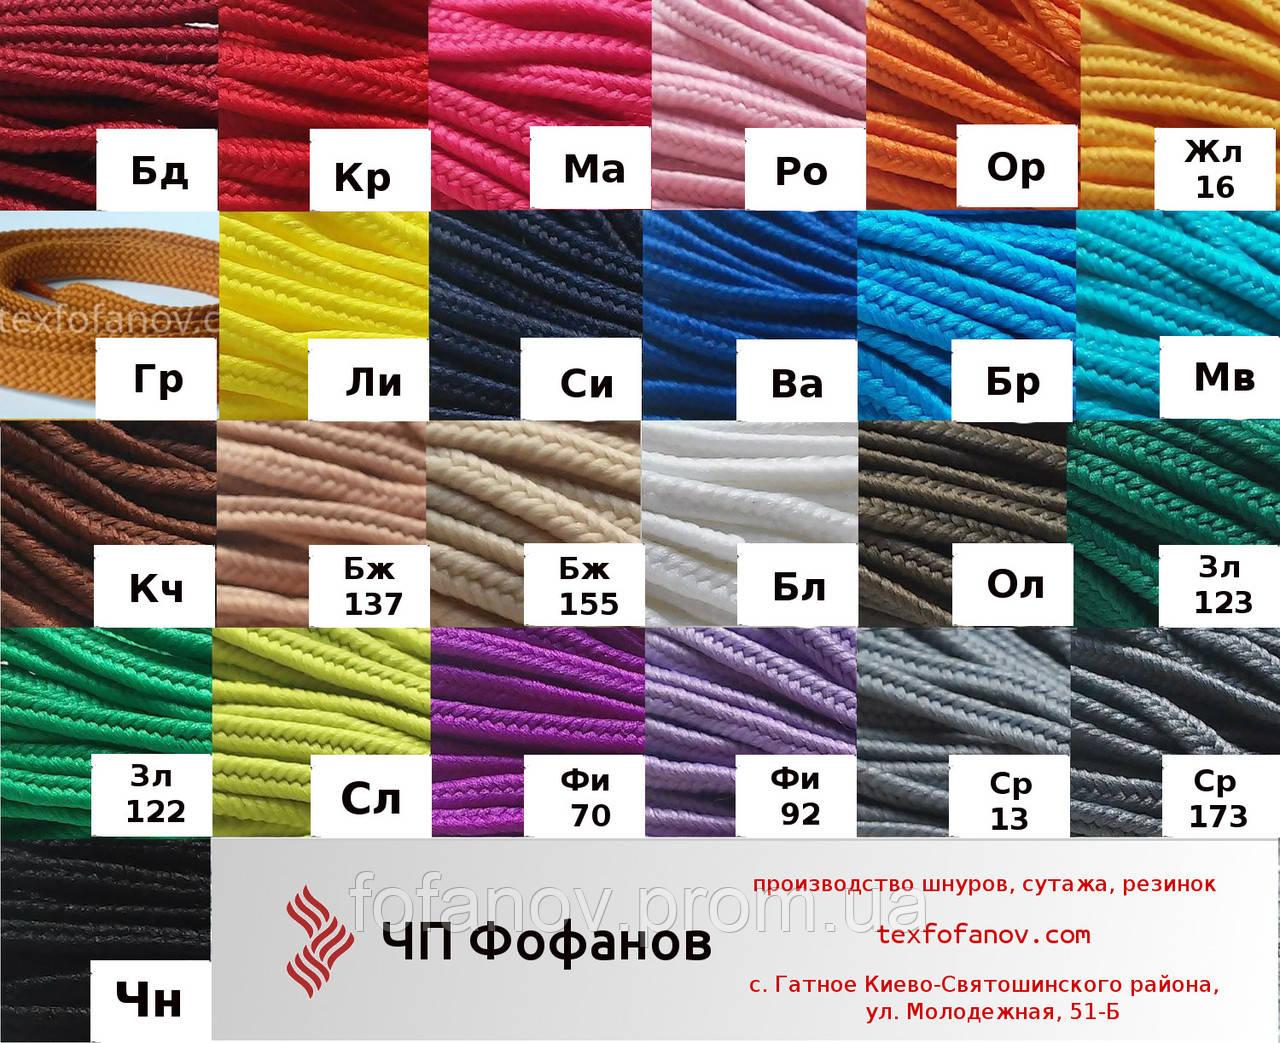 шнур 5 мм для вязания ковра полиэфирный 100 м купить в киеве пряжа